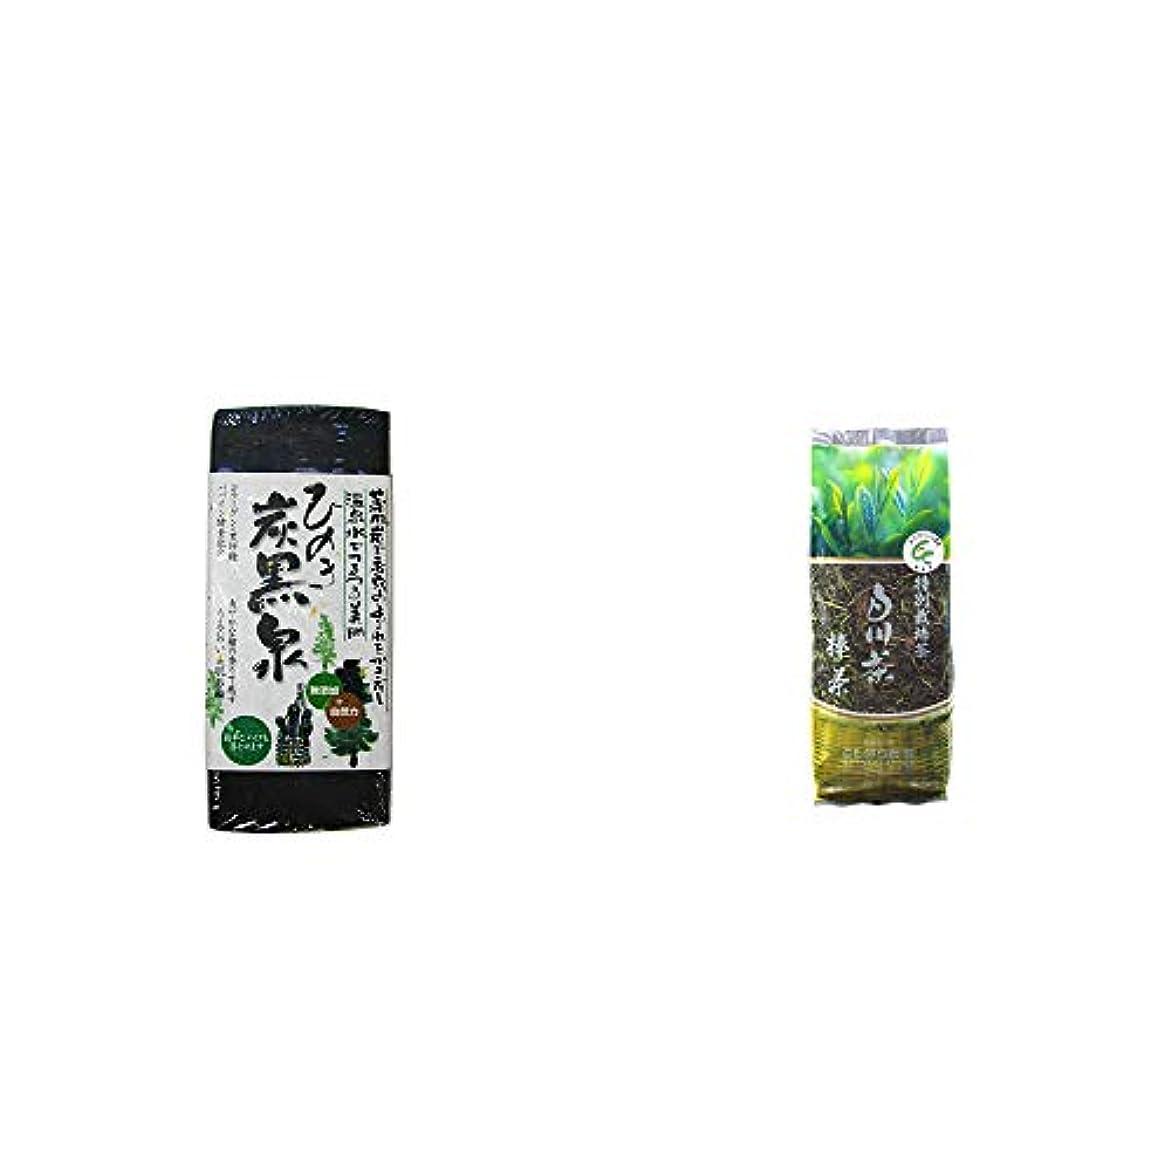 適切にスチュワード秘密の[2点セット] ひのき炭黒泉(75g×2)?白川茶 特別栽培茶【棒茶】(150g)